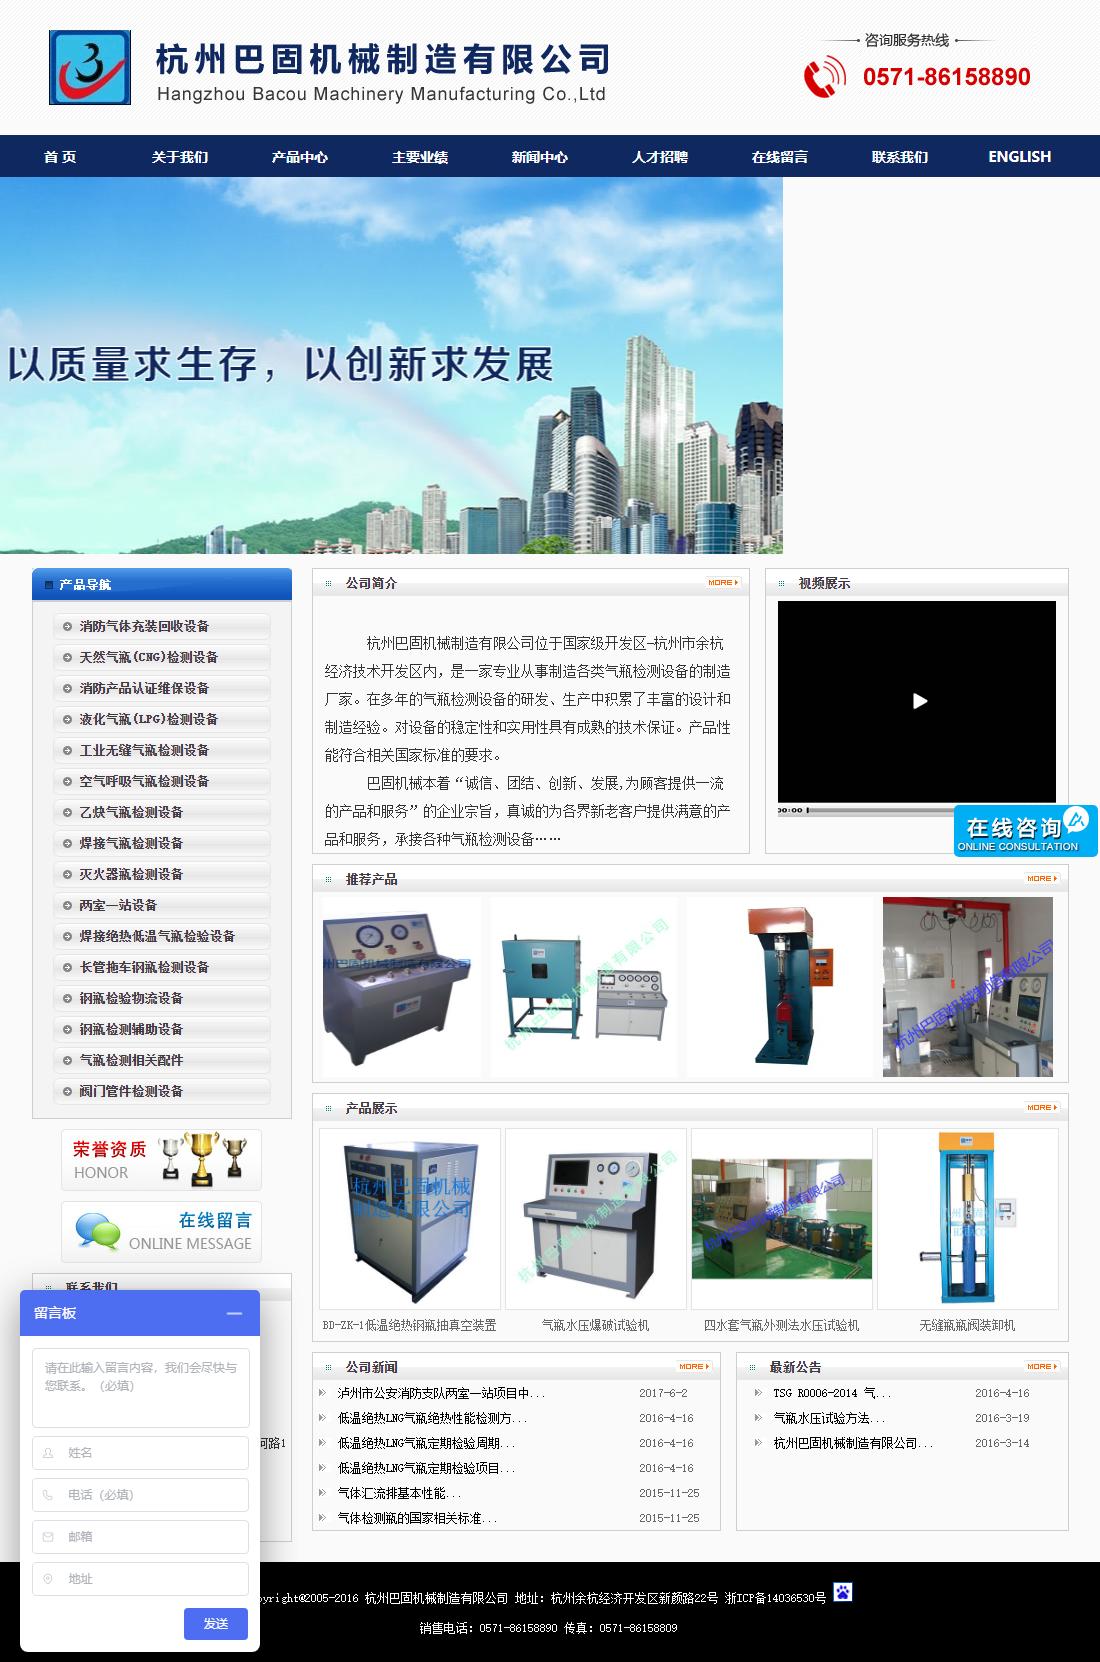 杭州巴固机械制造有限公司网站案例